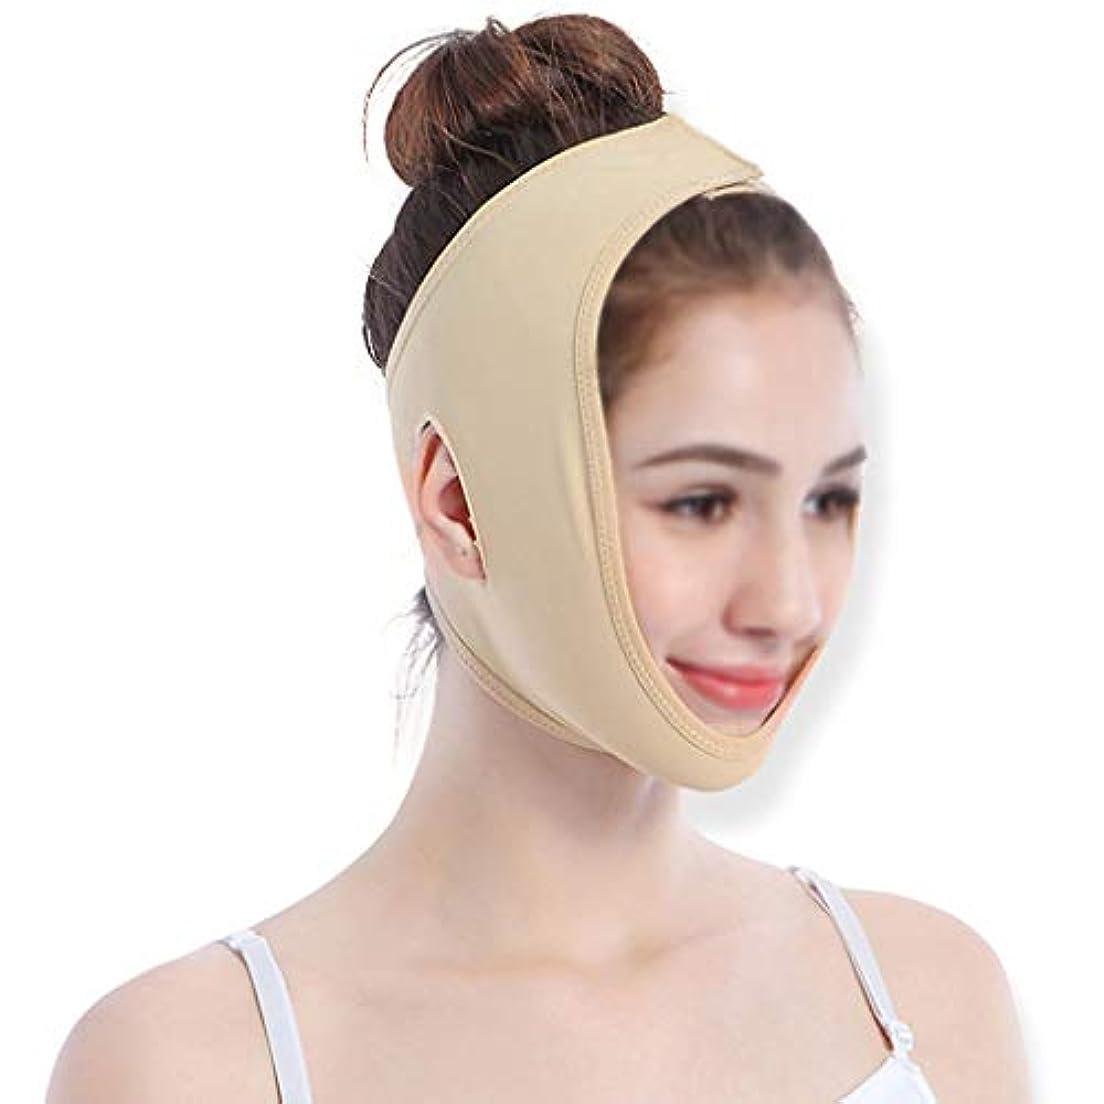 ボアキャンプ宇宙飛行士GLJJQMY スリムな包帯V顔の顔のアーティファクトは、女性と女性のための繊細な顔のしわ防止フェイシャルツールを向上させます 顔用整形マスク (Size : M)